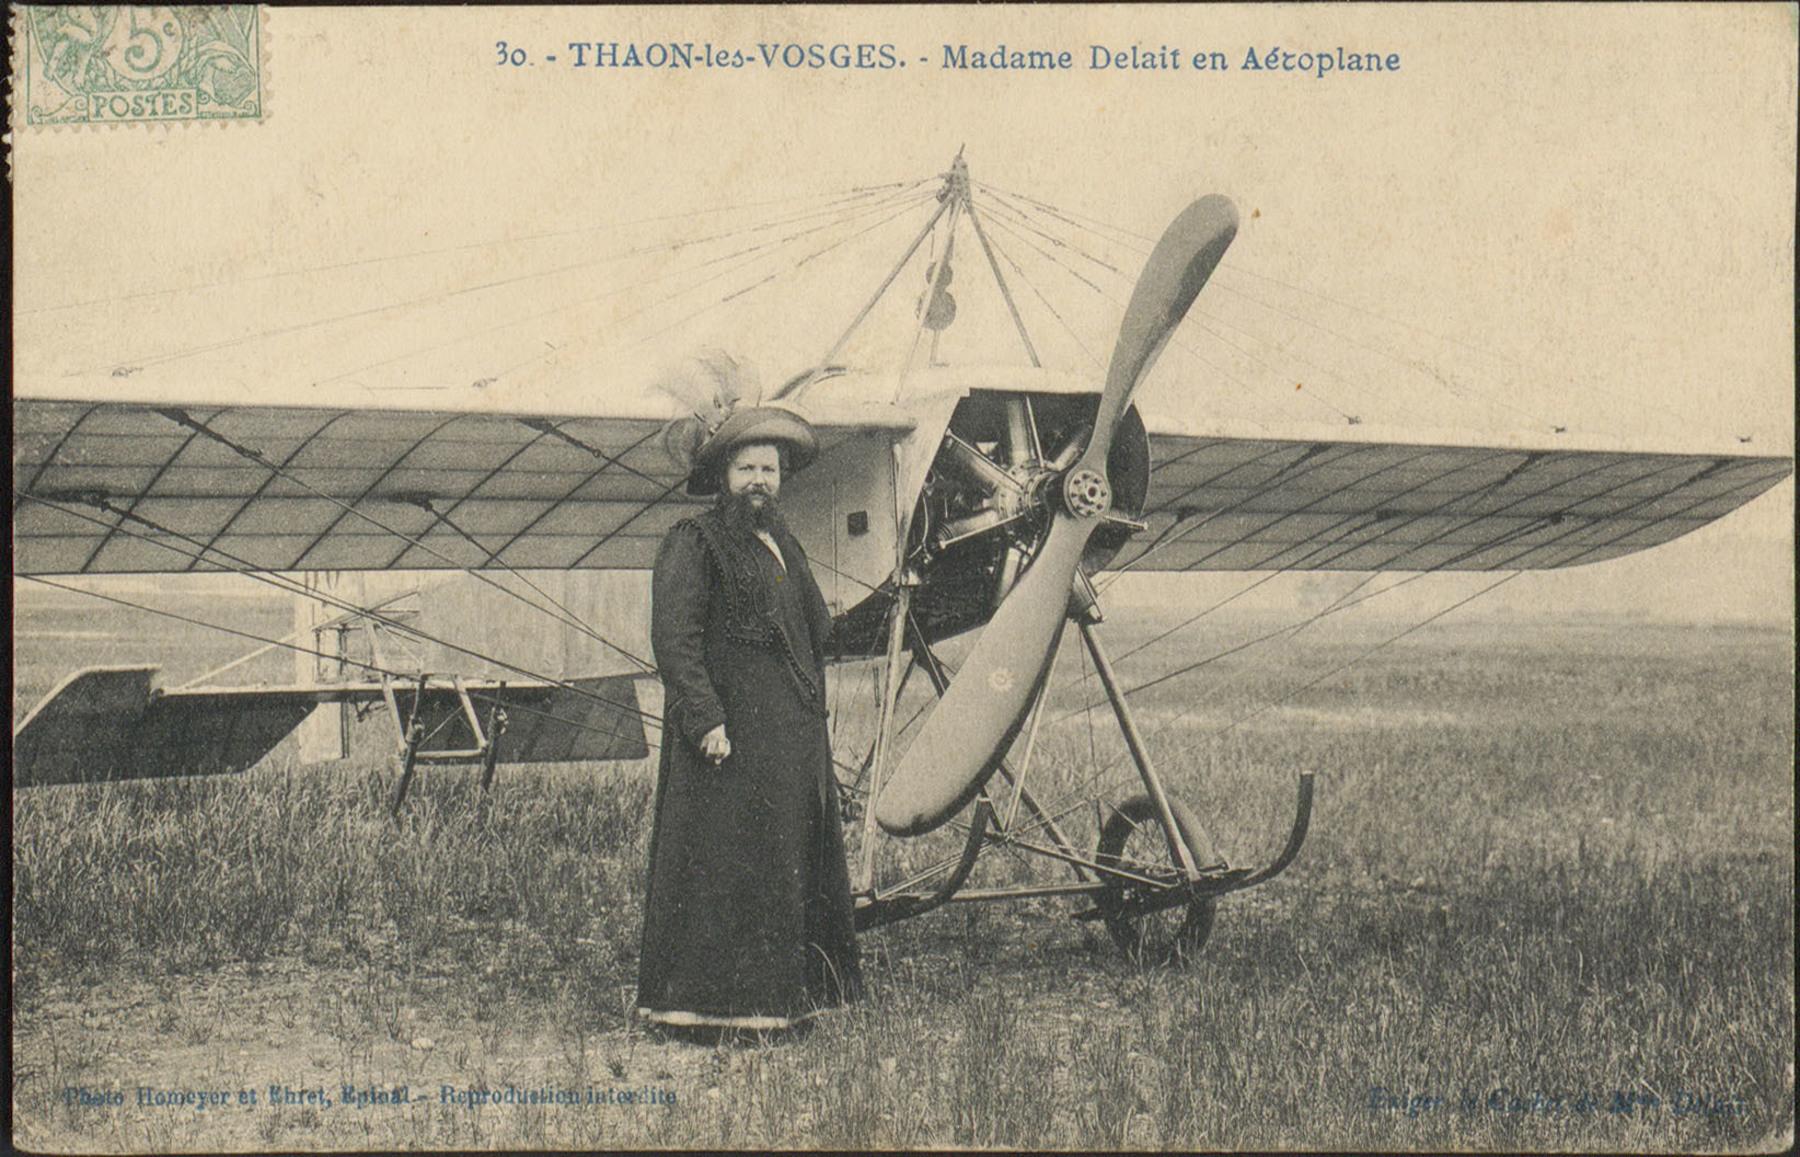 Contenu du Madame Delait en Aéroplane